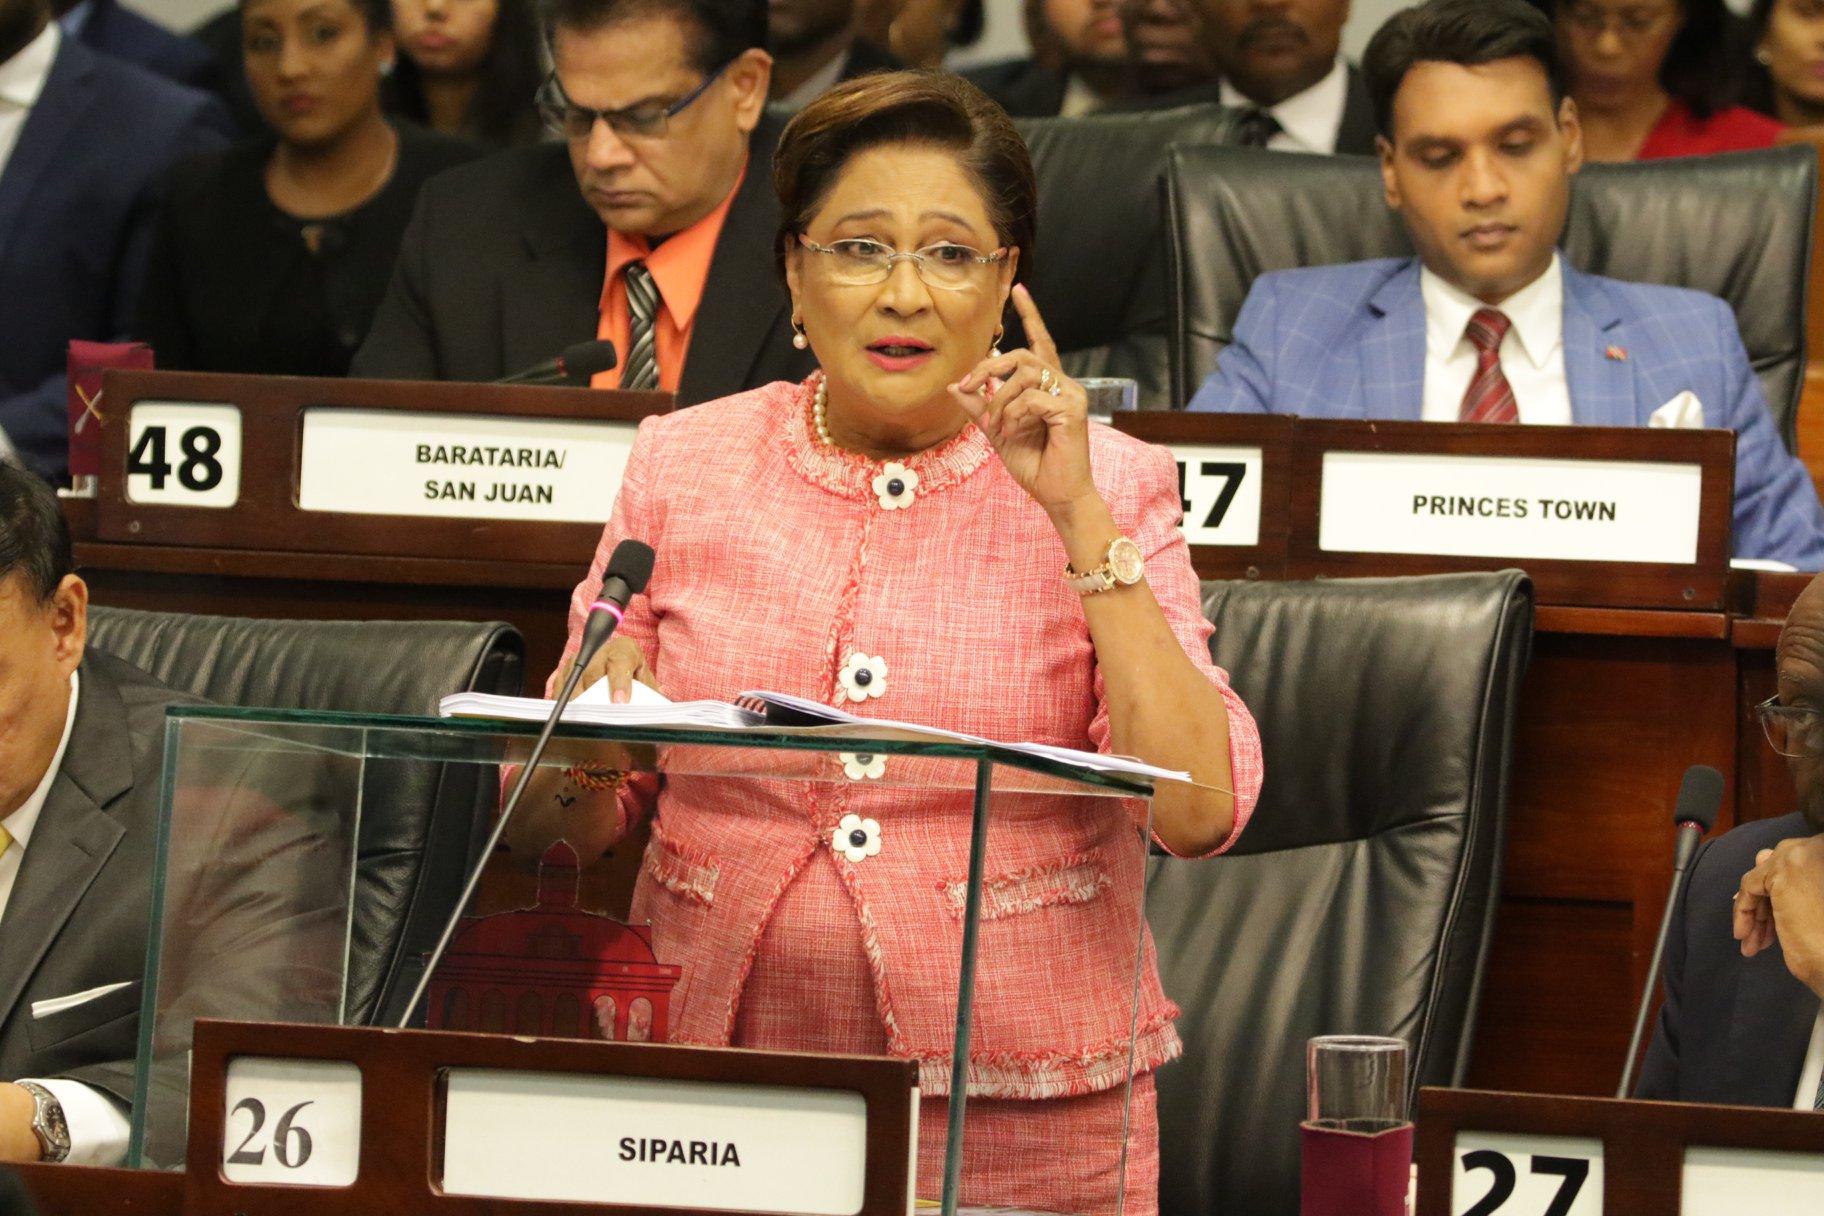 File photo. Photo via Facebook, Parliament of Trinidad and Tobago.